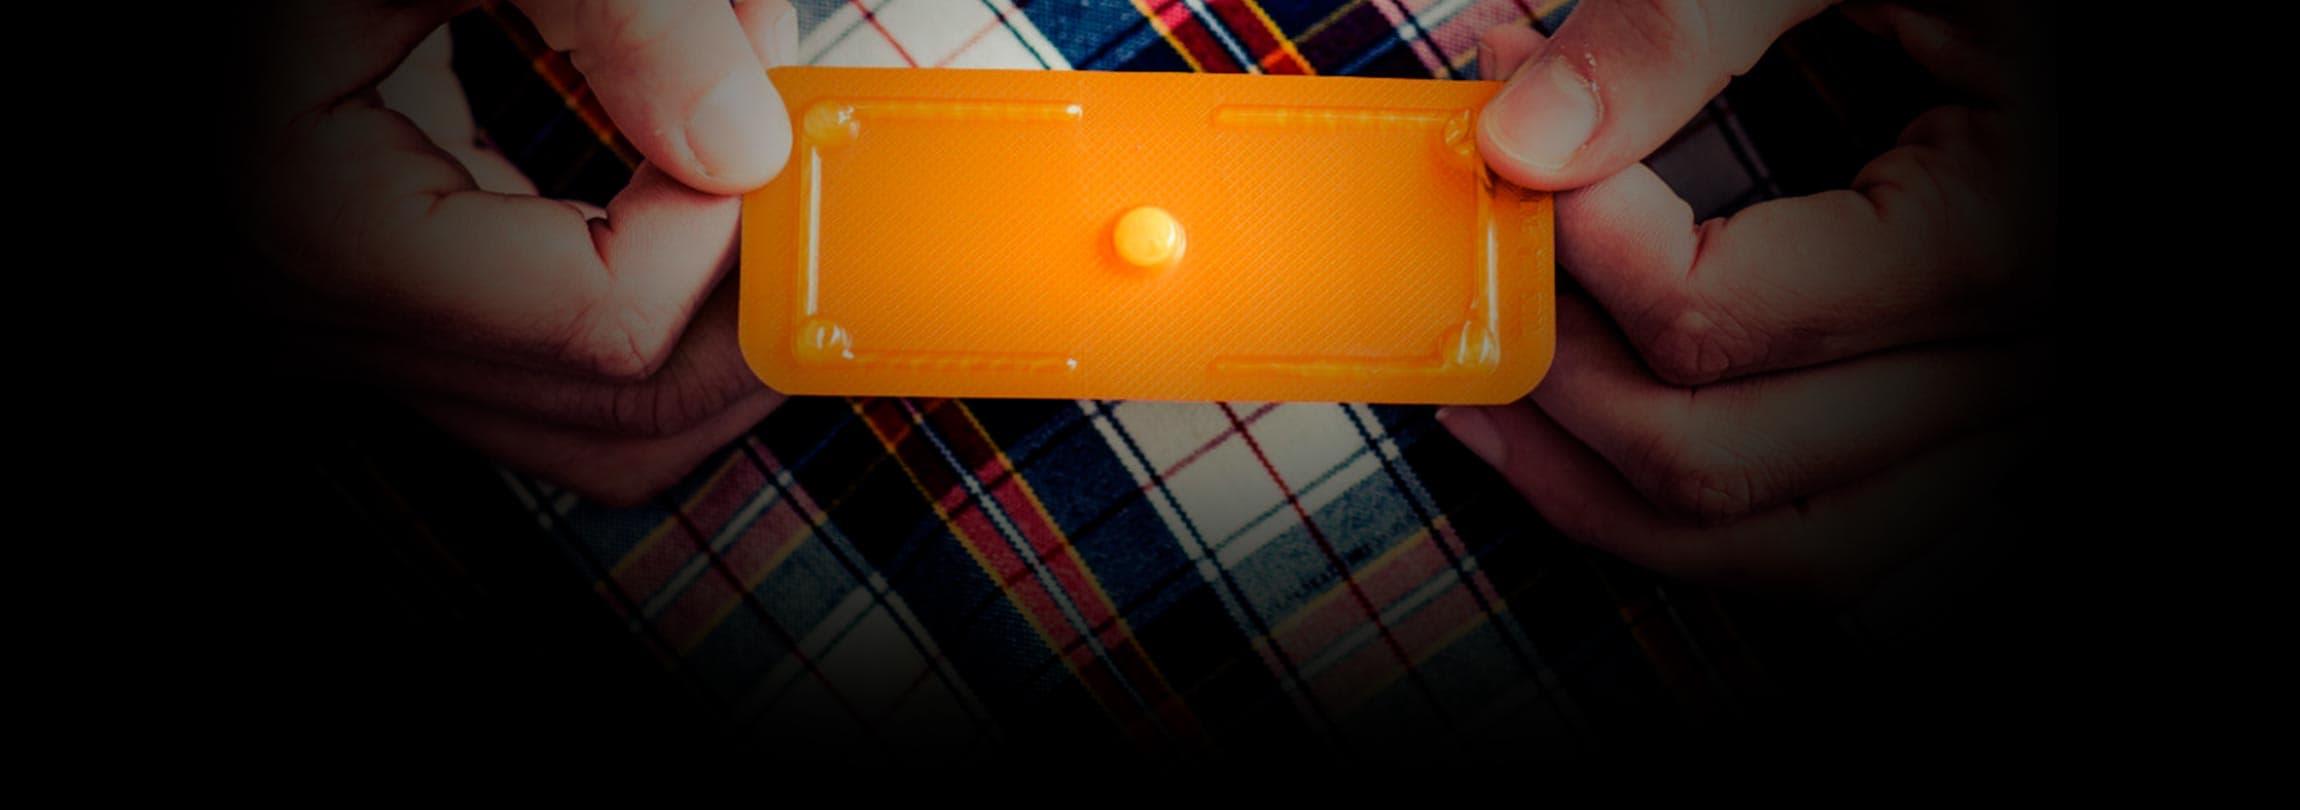 Novo estudo confirma efeito abortivo da pílula do dia seguinte